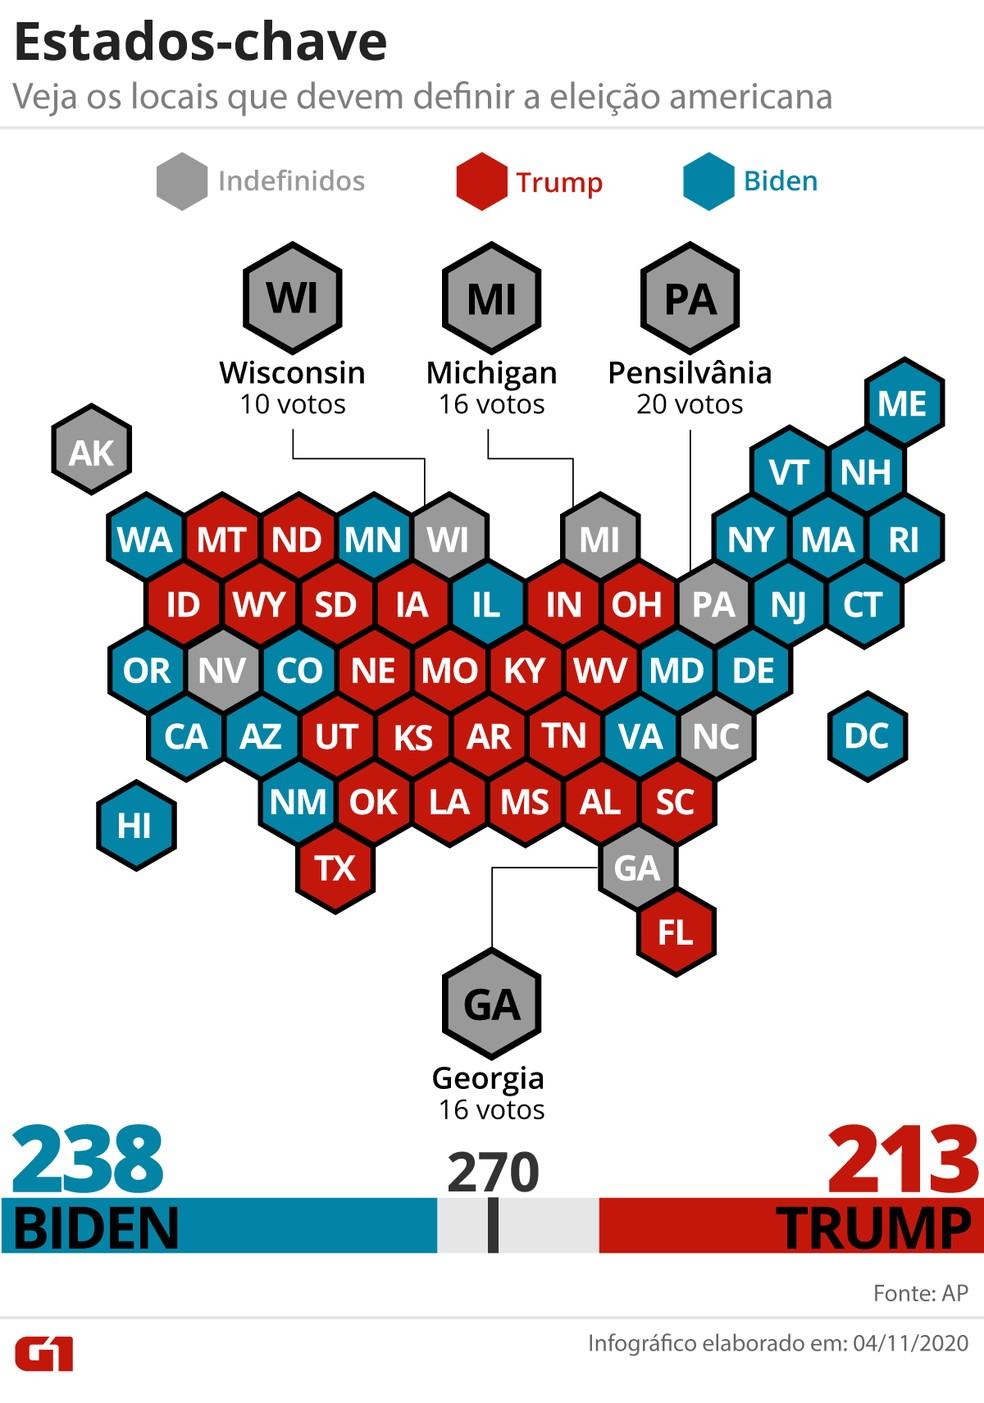 Gráfico mostra estados em aberto e que podem definir a eleição nos EUA — Foto: Guilherme Luiz Pinheiro/G1